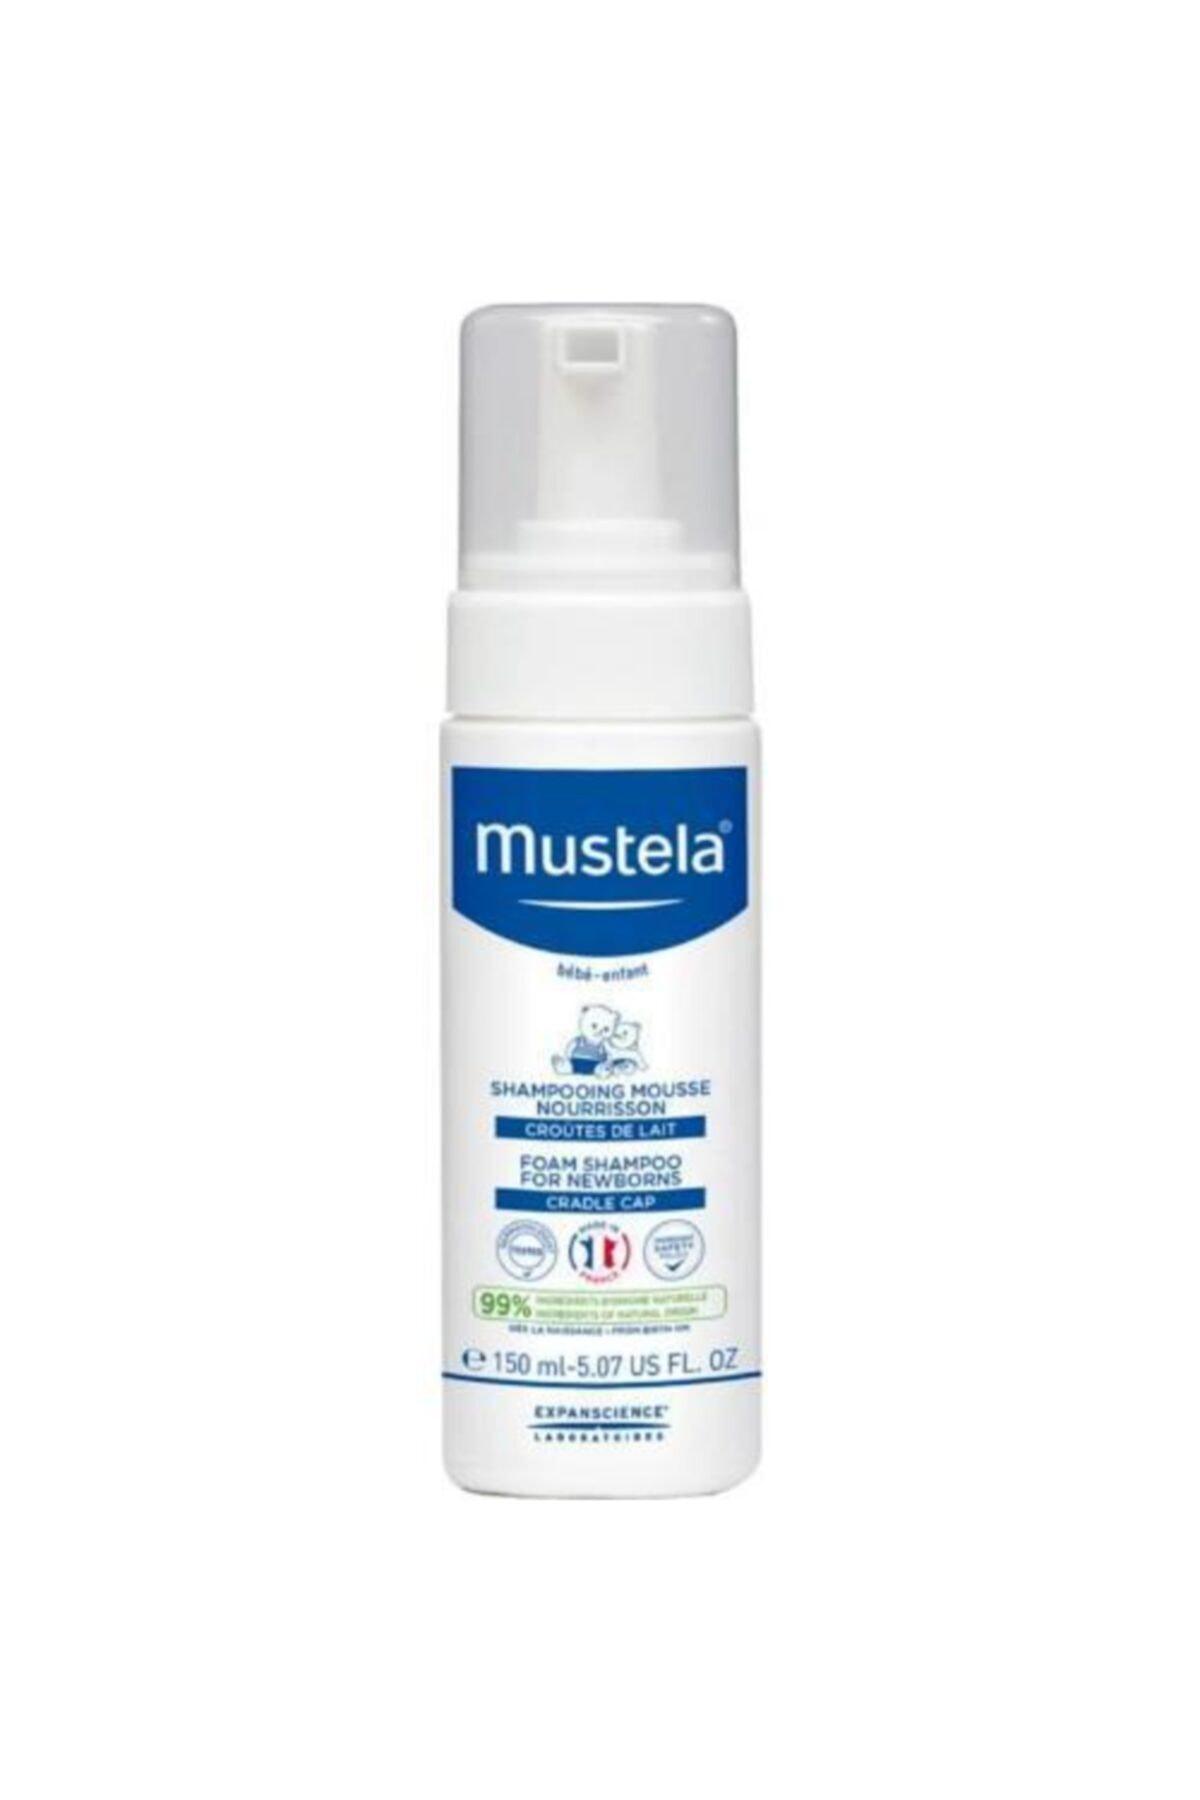 Mustela Yenidoğan Konak Önleyici Köpük Şampuan 150 ml 1